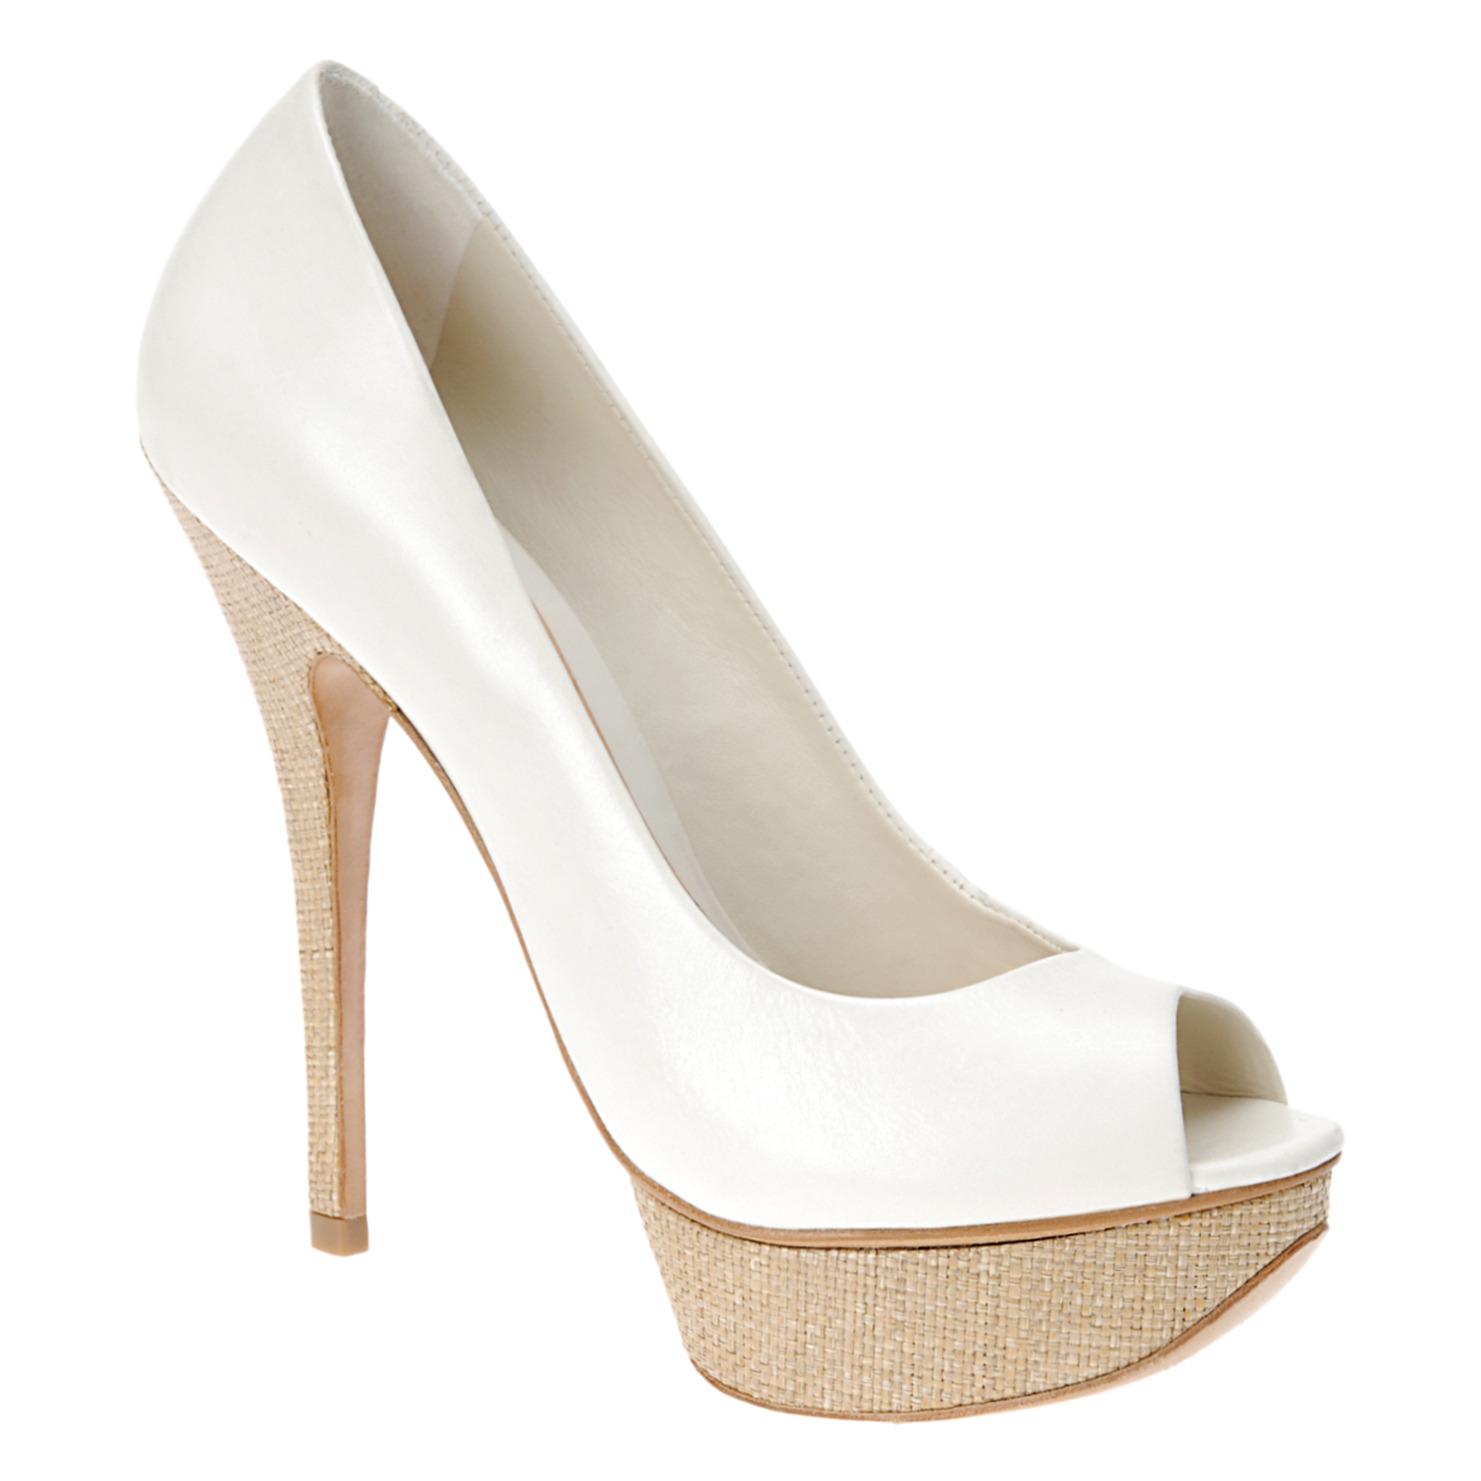 http://2.bp.blogspot.com/-N5i16bo_SSE/T0vIv_YEzFI/AAAAAAAABS4/vFeQ7sRSuHs/s1600/shoe3.jpg